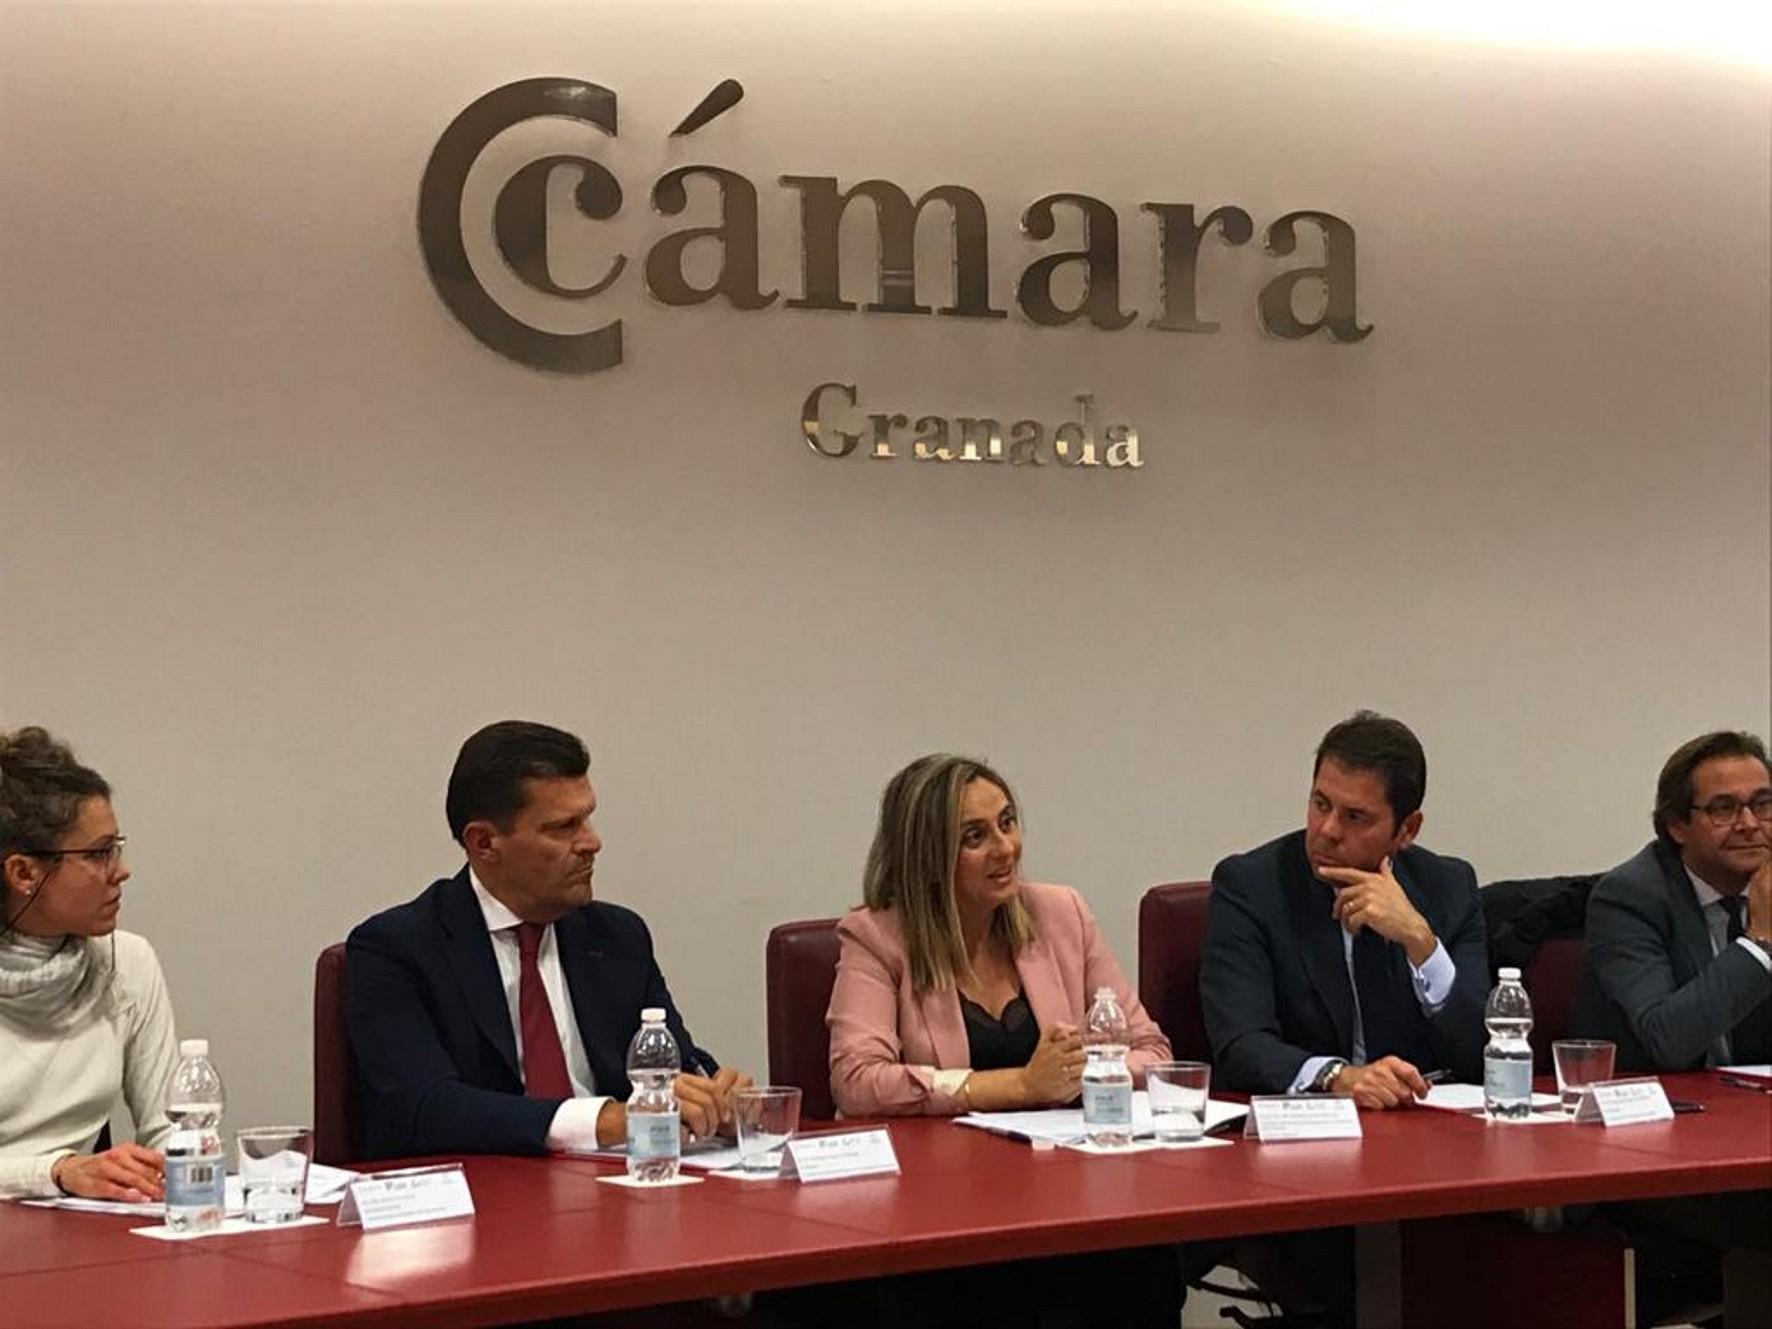 La consejera de Fomento en una reunión con los empresarios de la Cámara de Comercio.